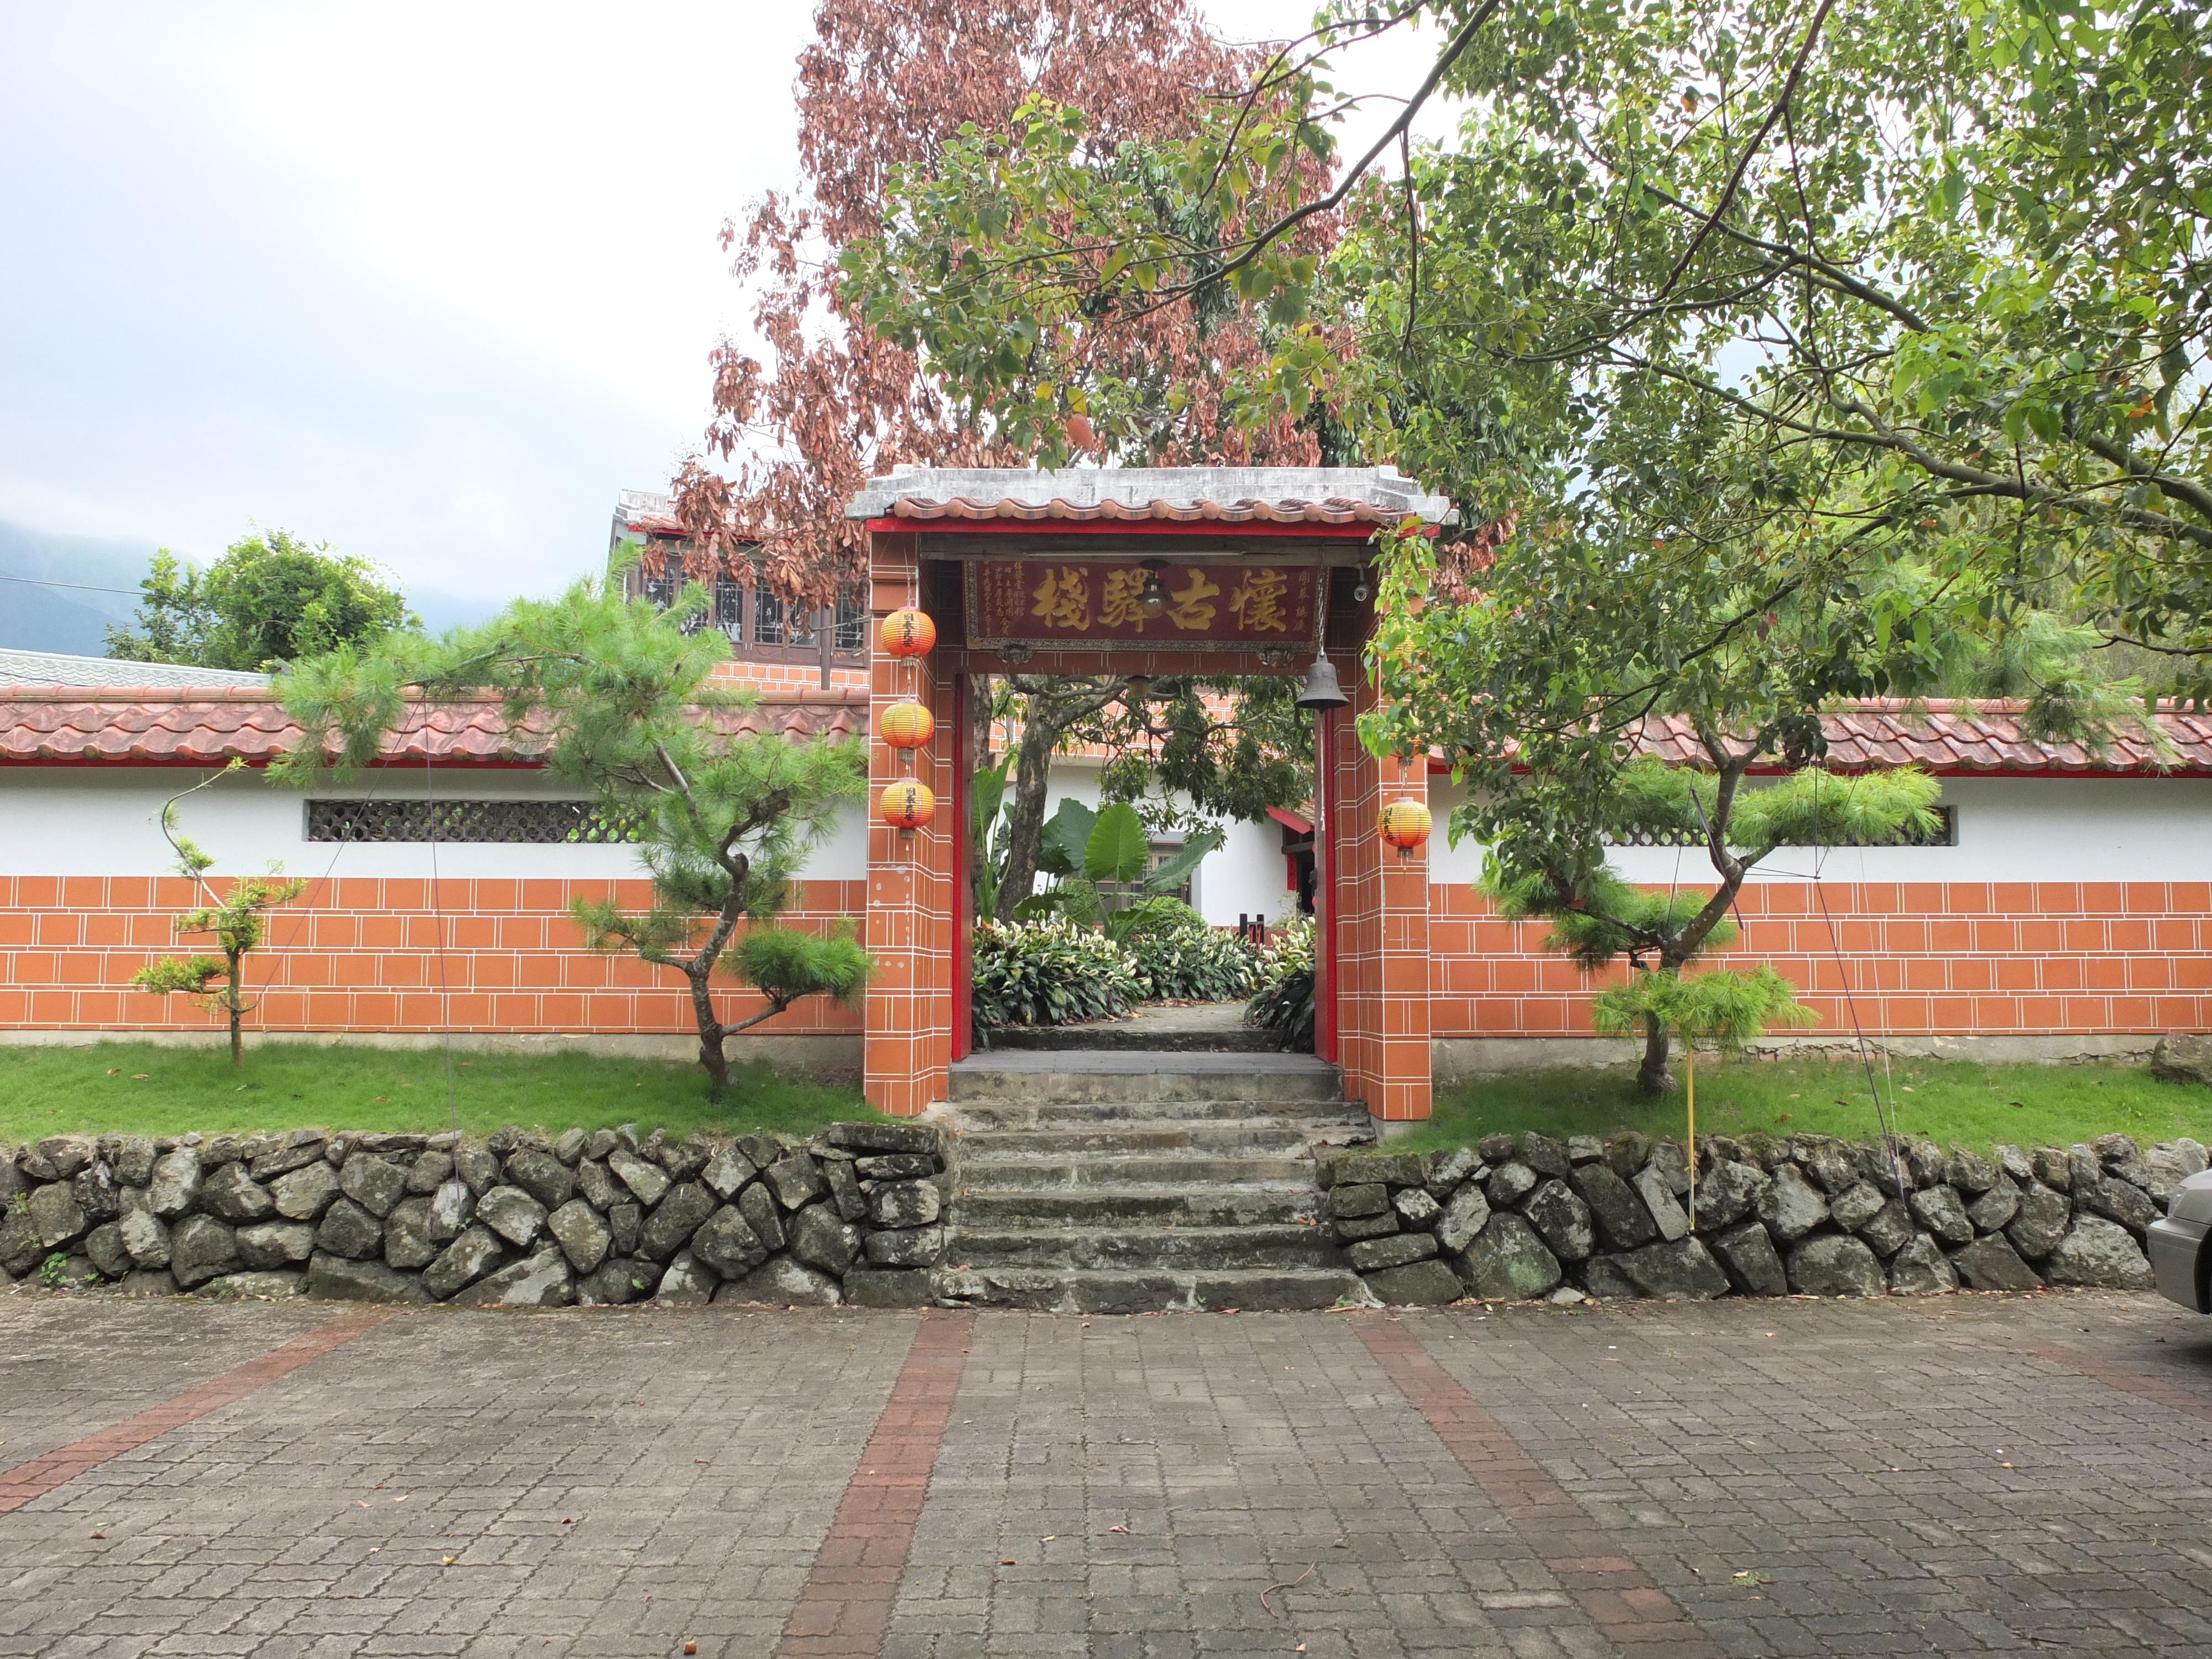 懷古驛站民宿 (3)